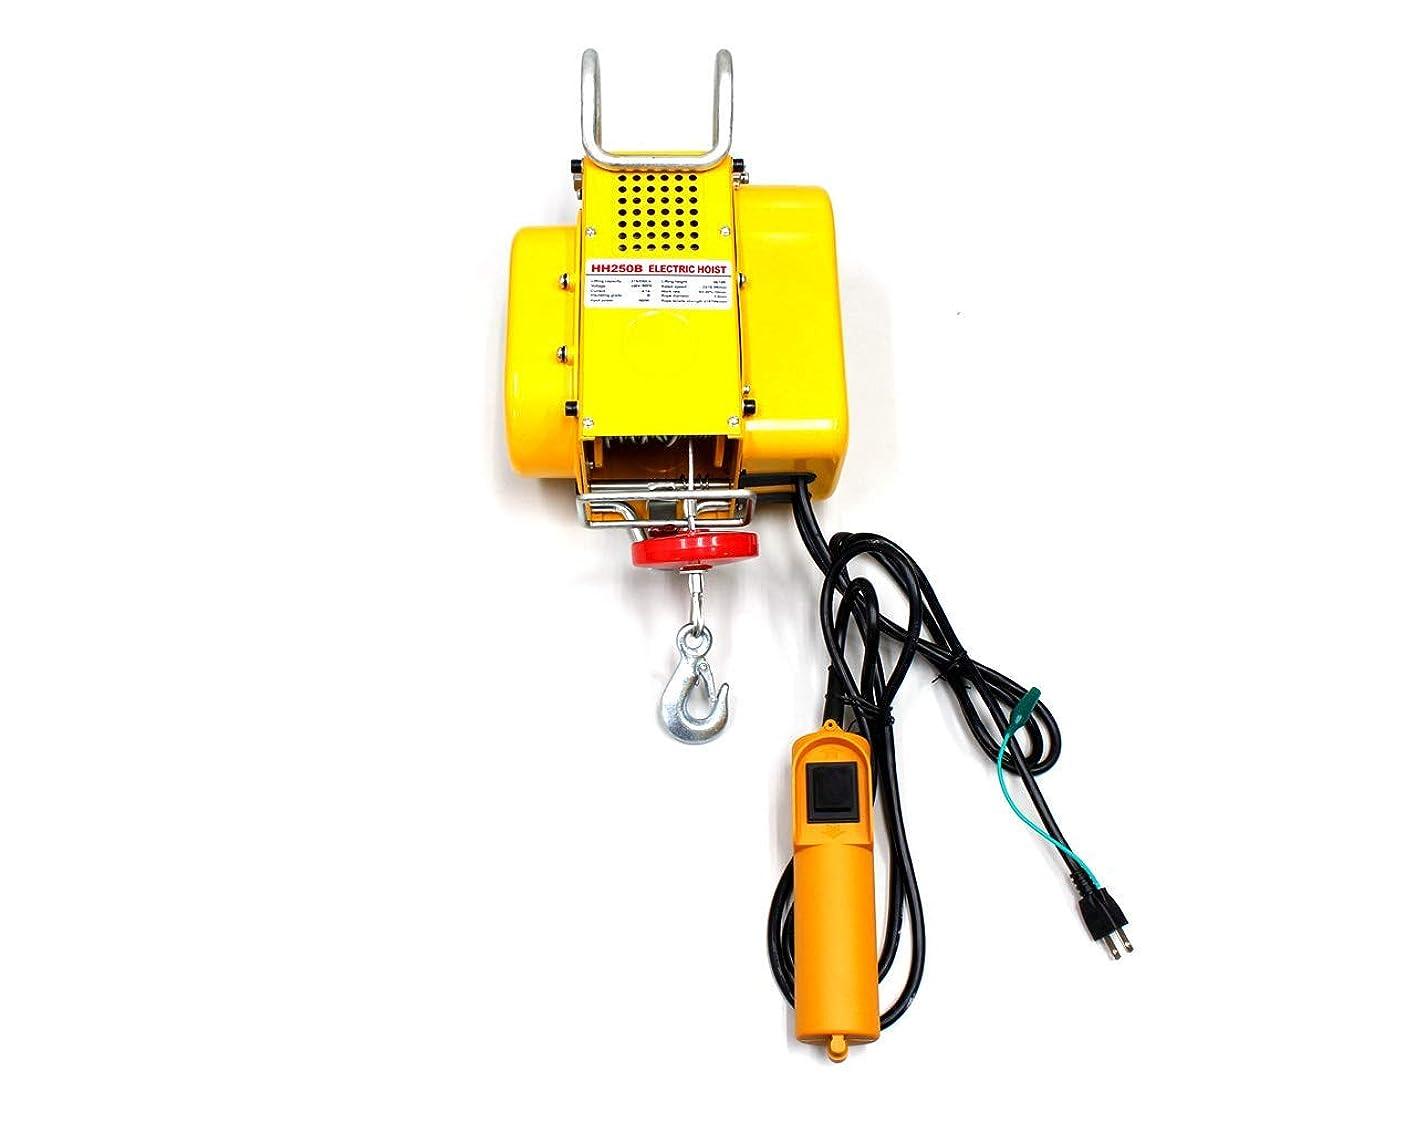 パン屋エンジニアリングメニュー電動ウインチ 強力小型ホイスト 家庭用100V対応 50Hz 最大能力250kg 出張先や現場ですぐに使える移動式 吊り下げタイプ 60日安心保証付